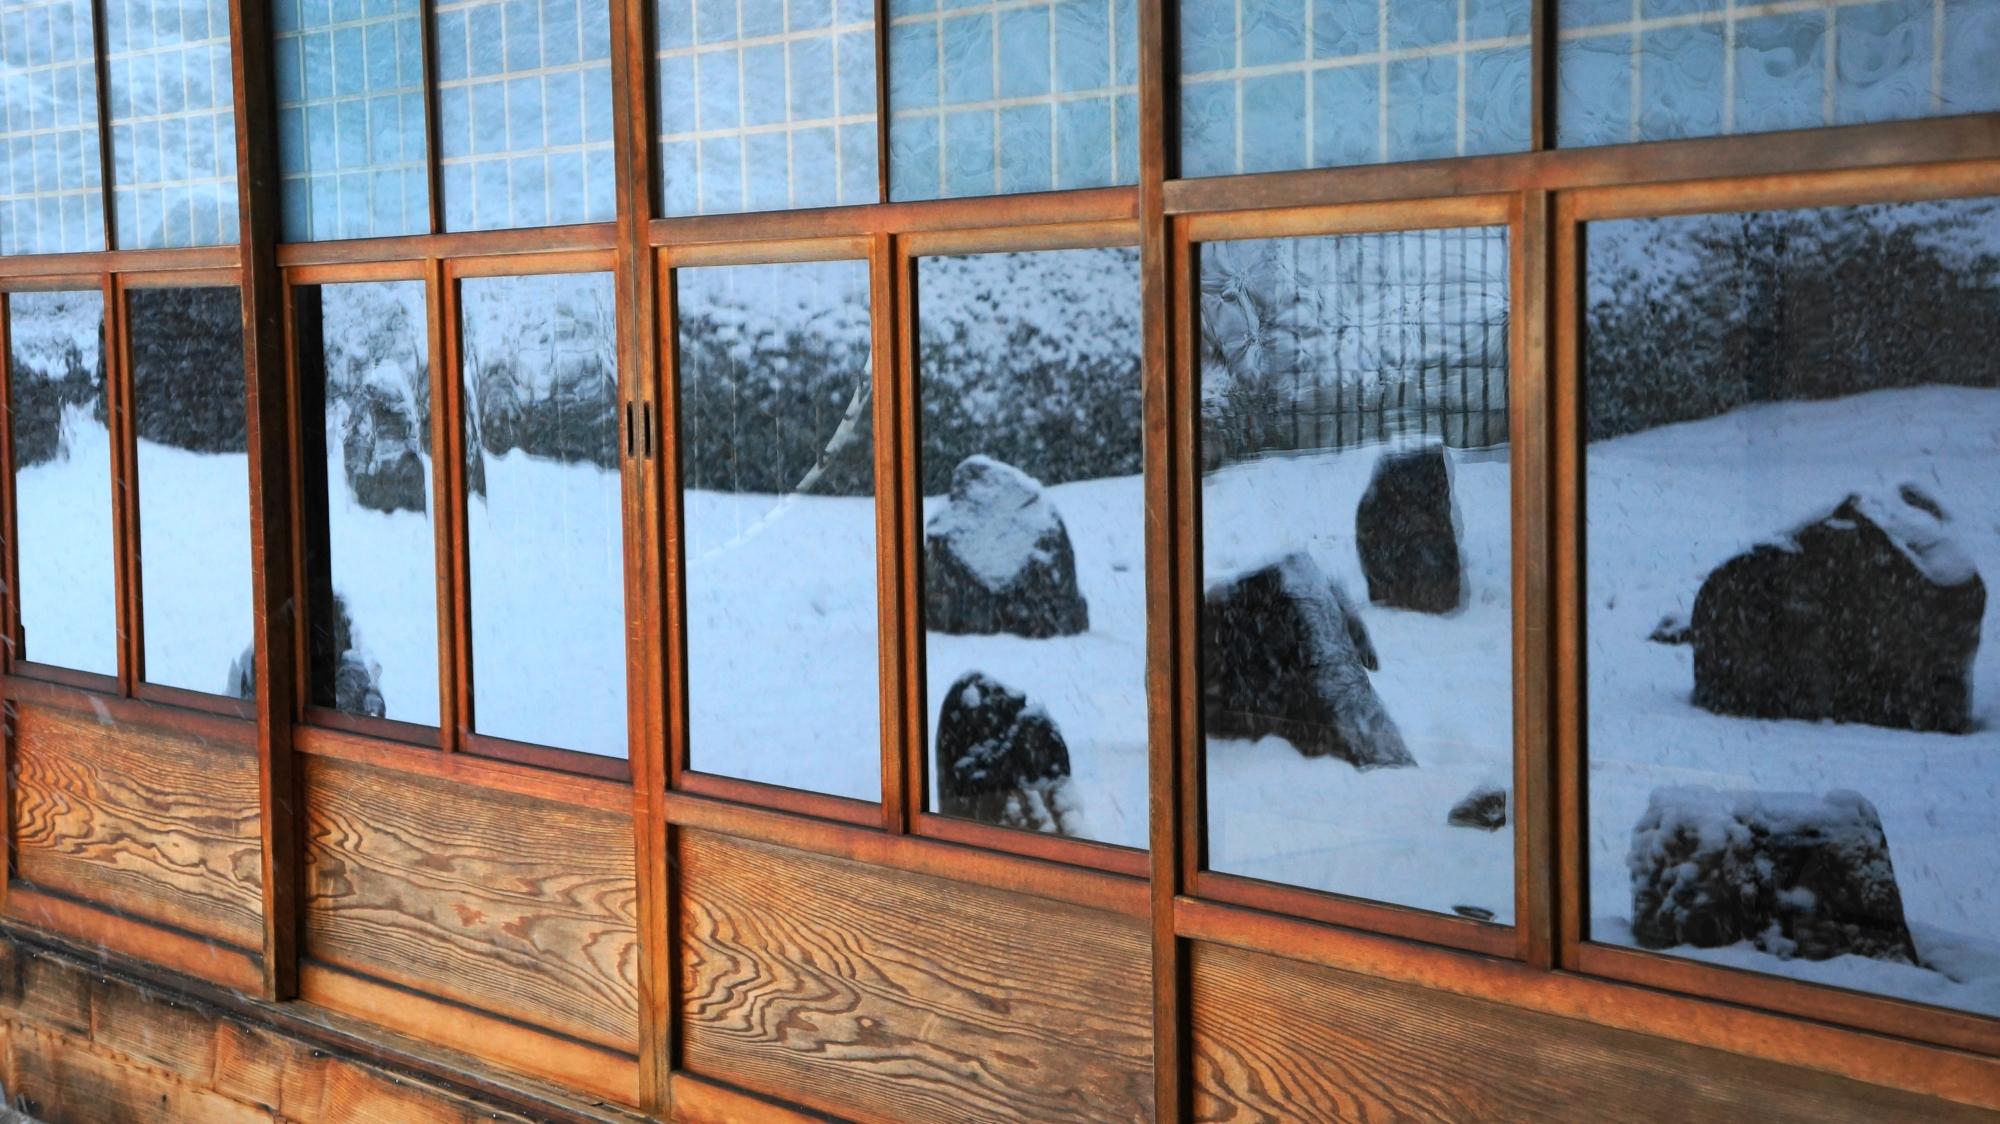 光明院の書院のガラス戸に映る庭園の雪景色